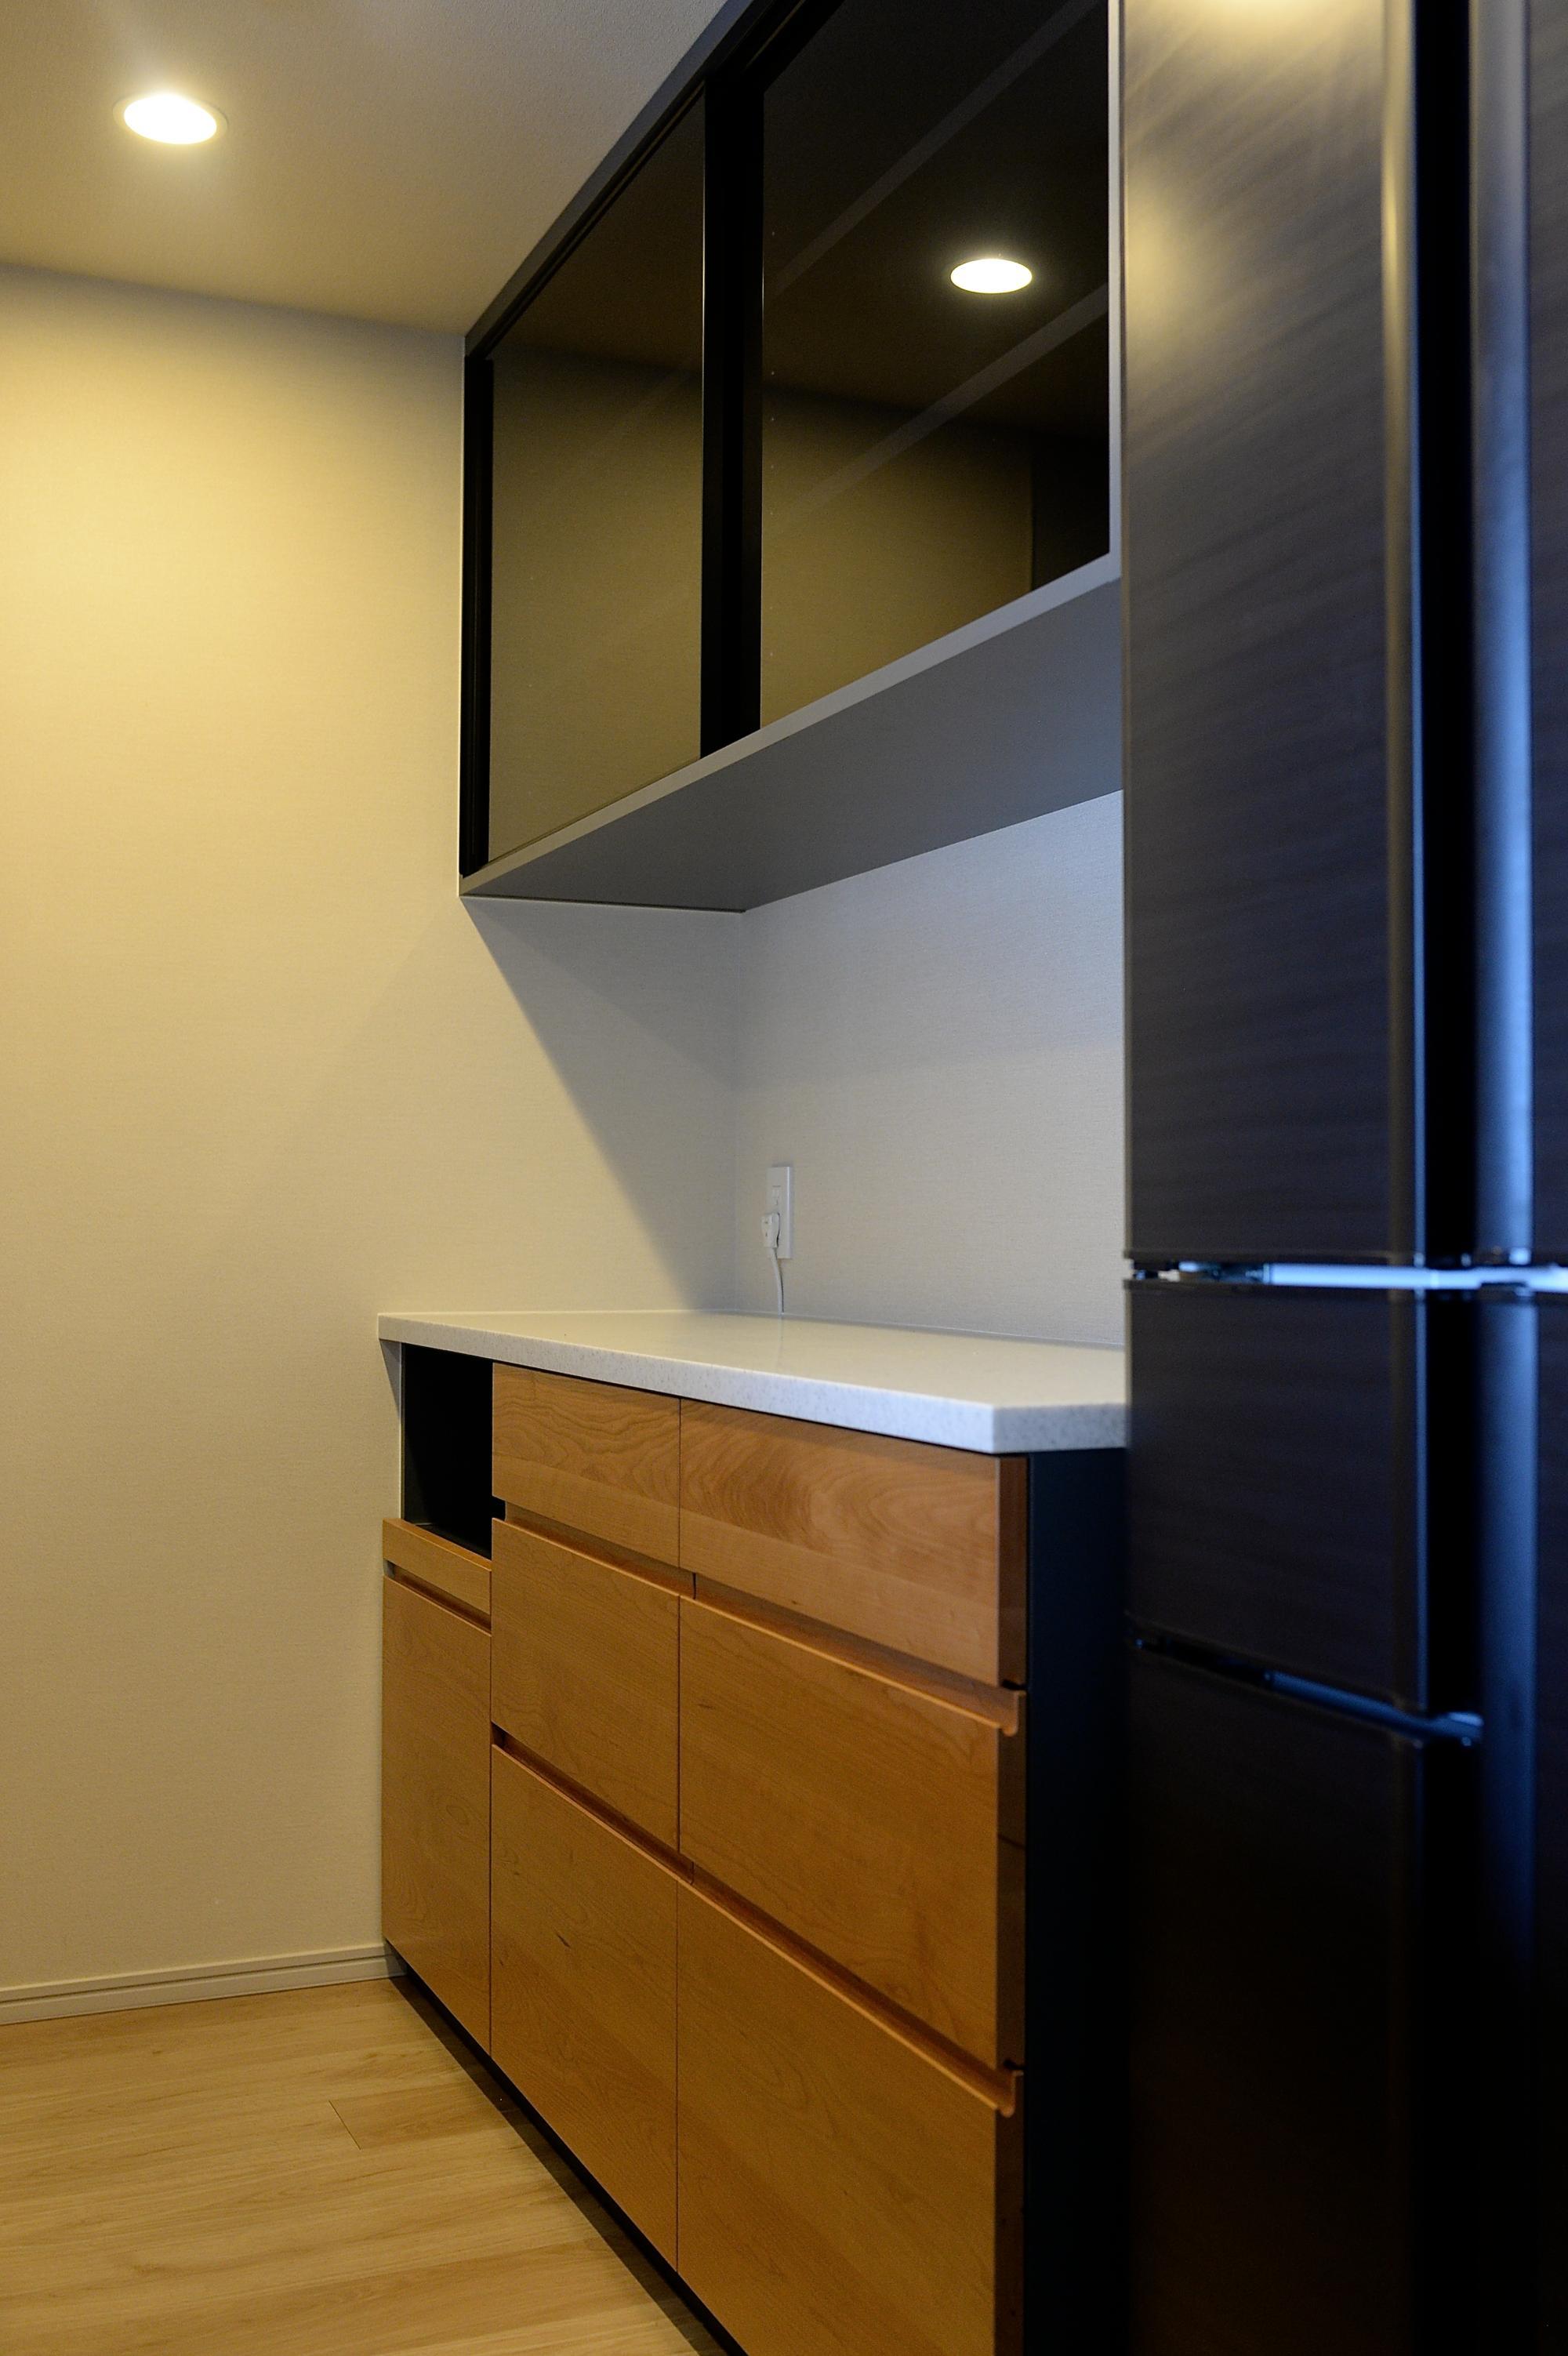 チェリー 食器棚 マンション walden オーダー家具